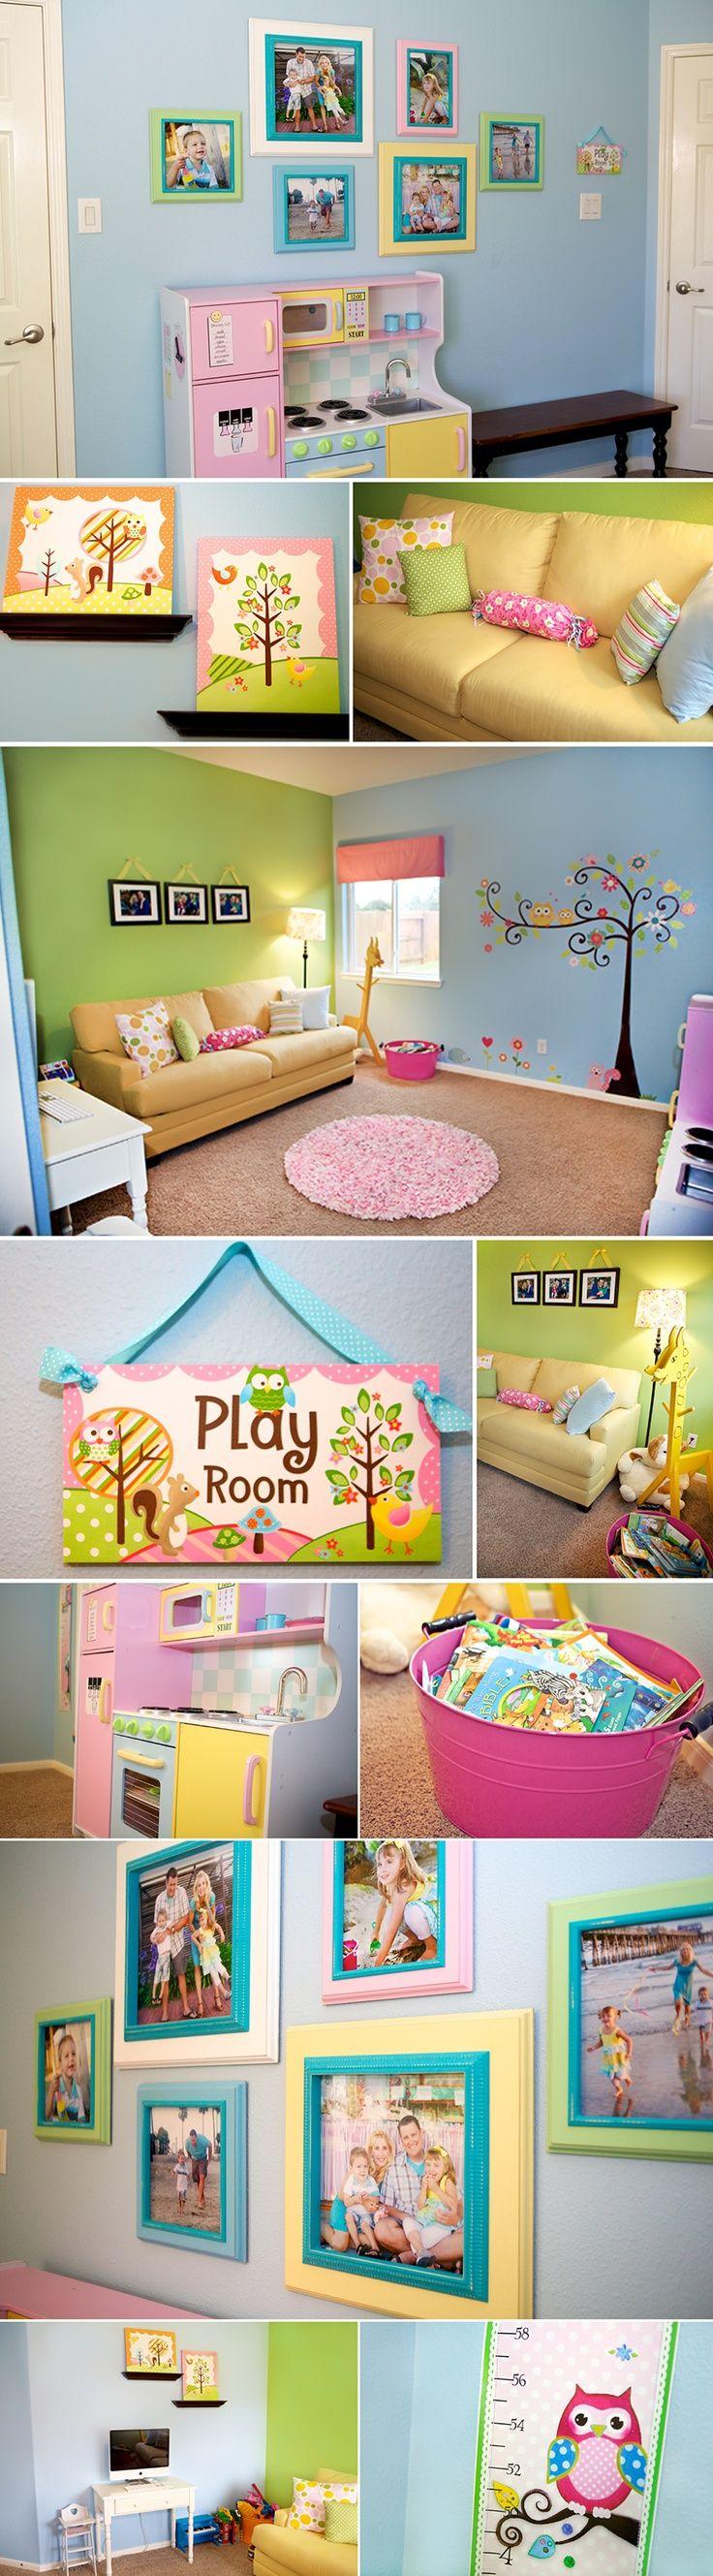 Ideas para decorar con mucho color el cuarto de juego de tus niños ...